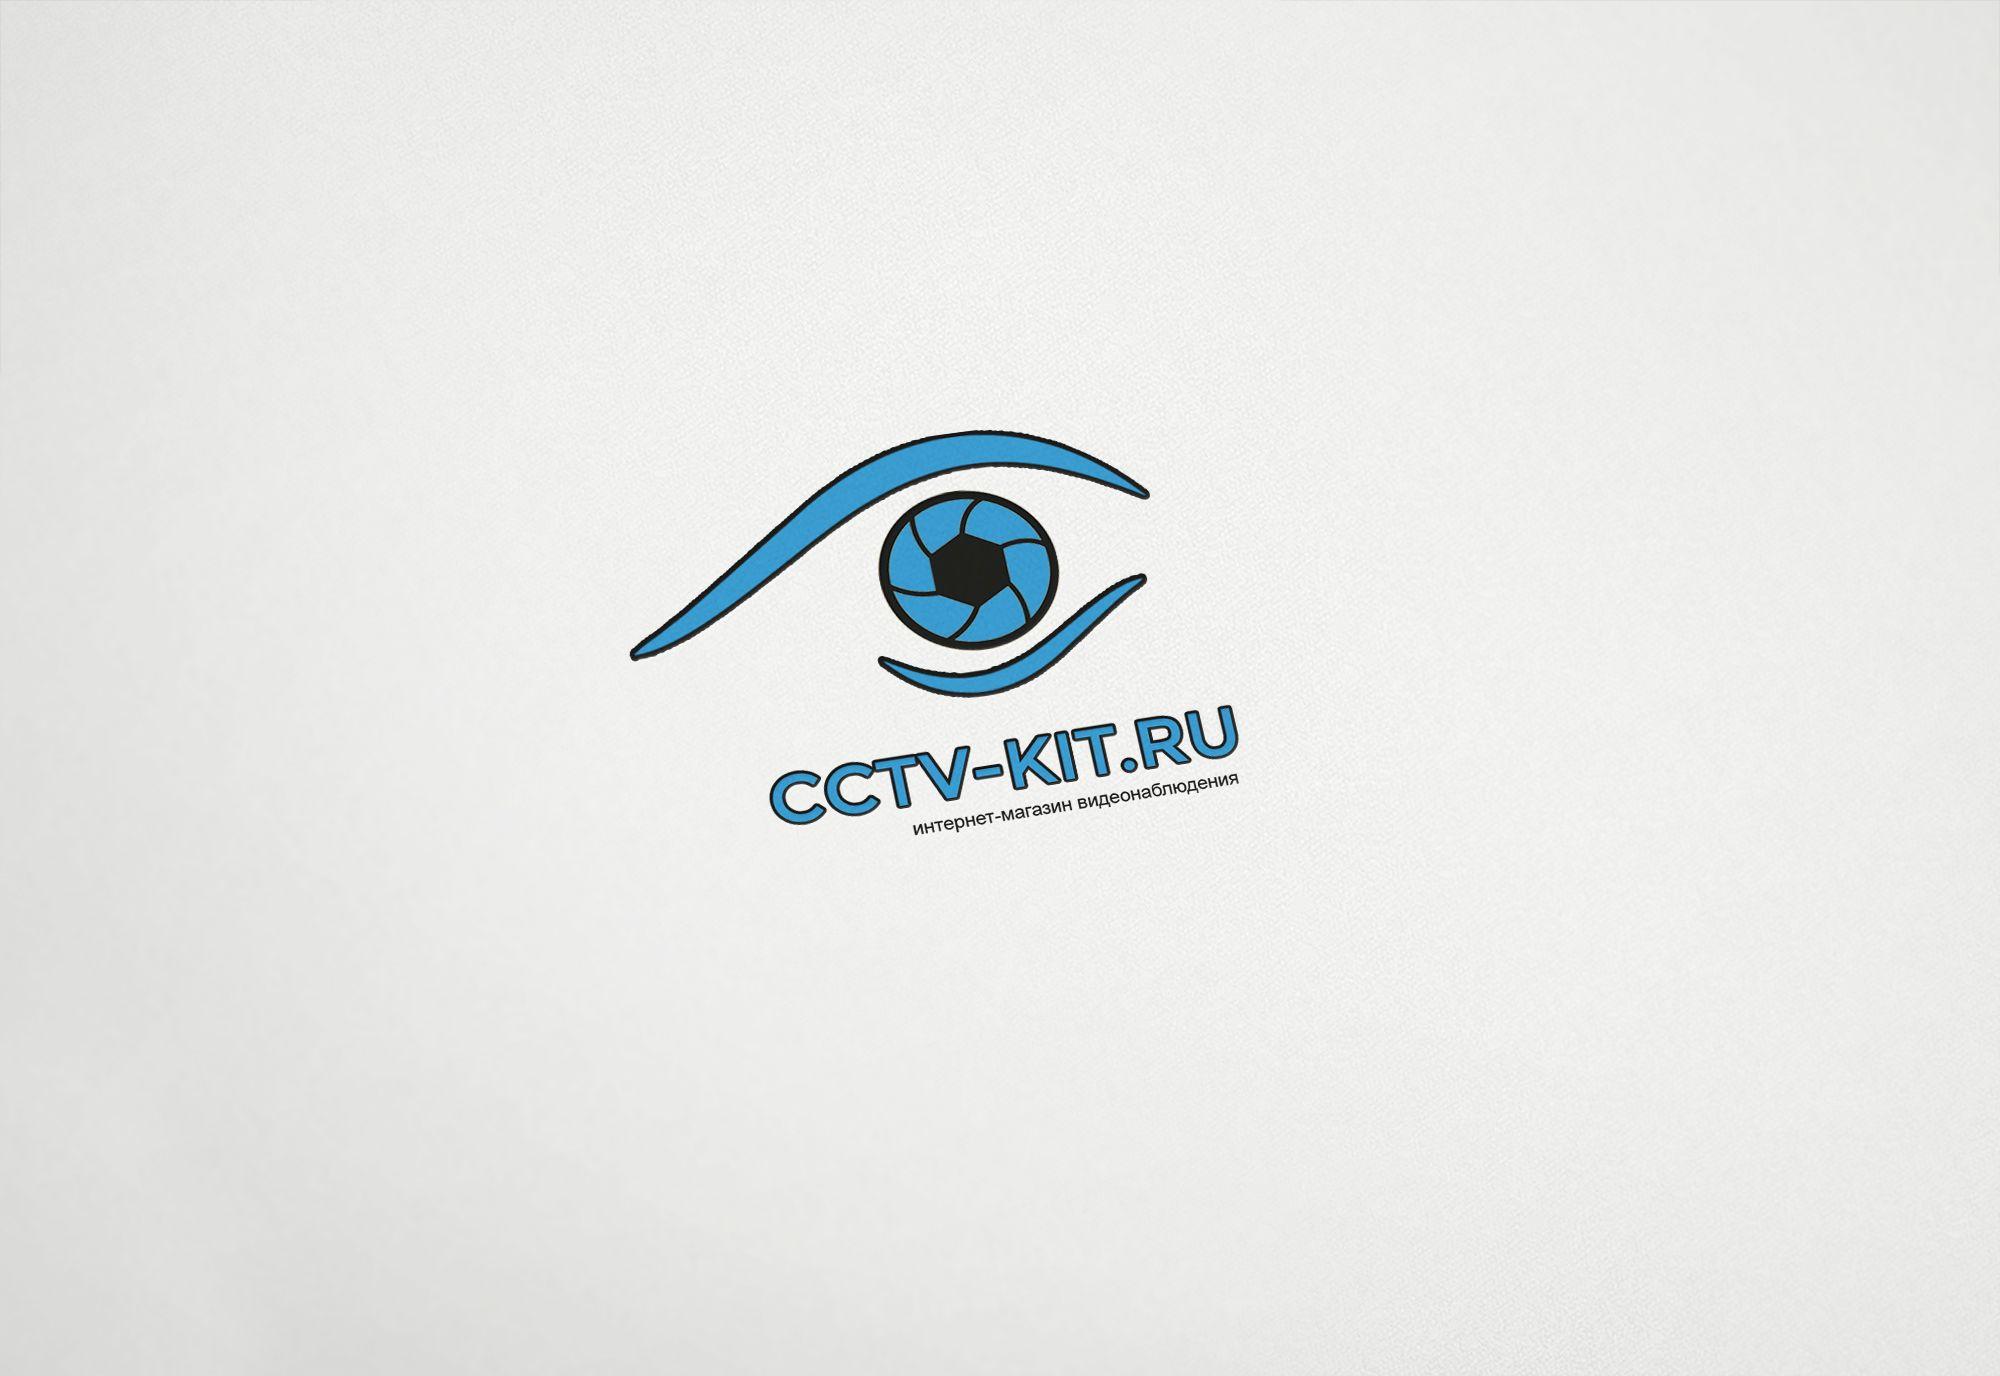 Логотип для интернет-магазина видеонаблюдения - дизайнер PelmeshkOsS